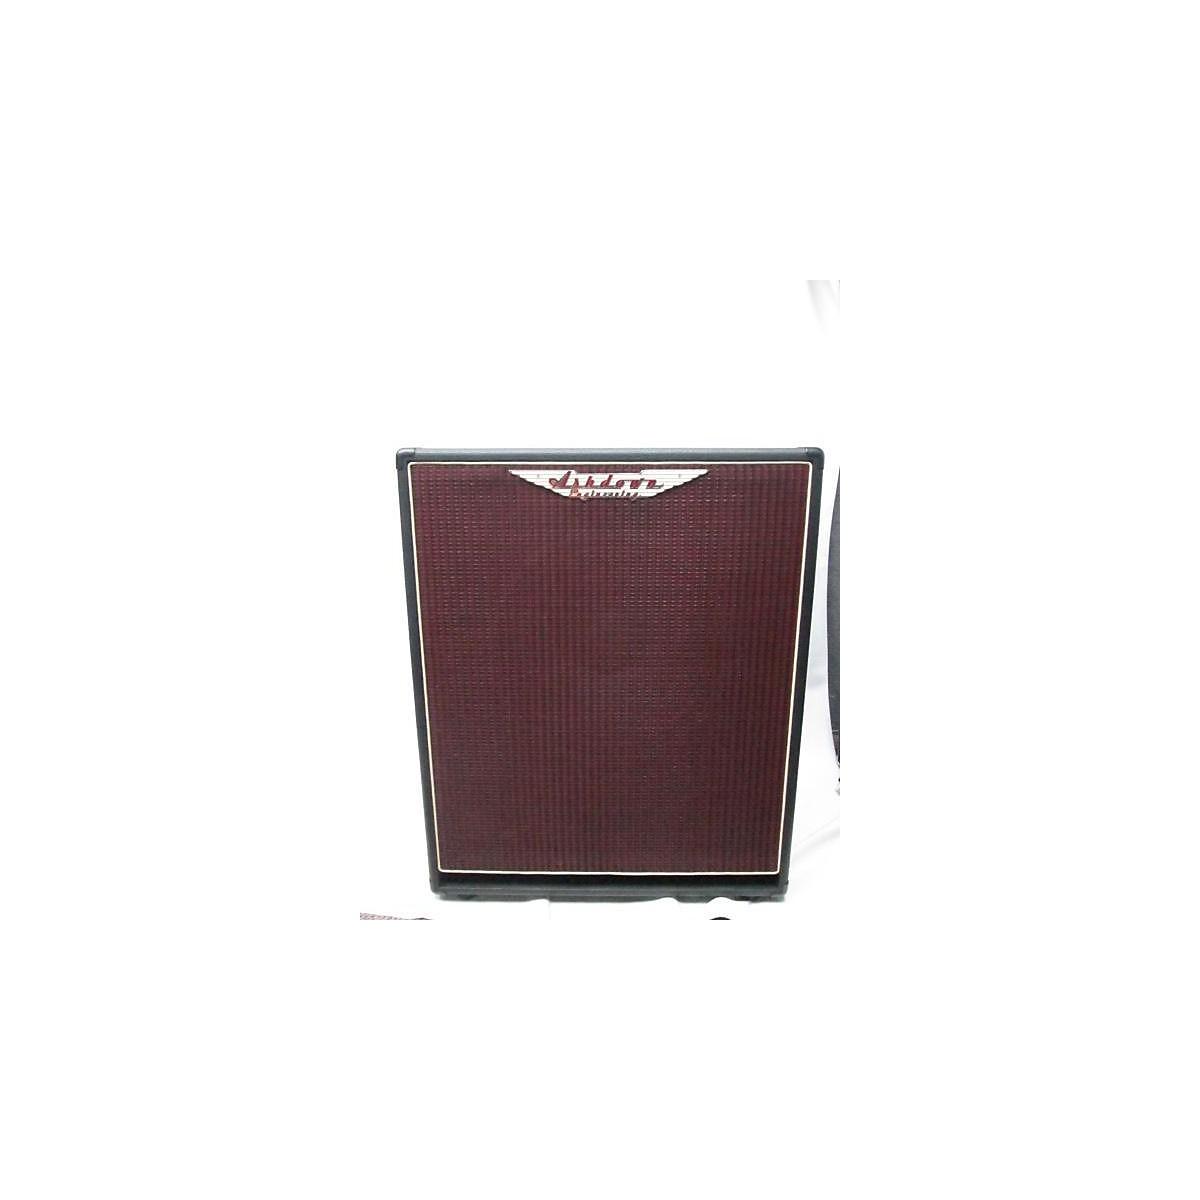 Ashdown CL115 Bass Cabinet